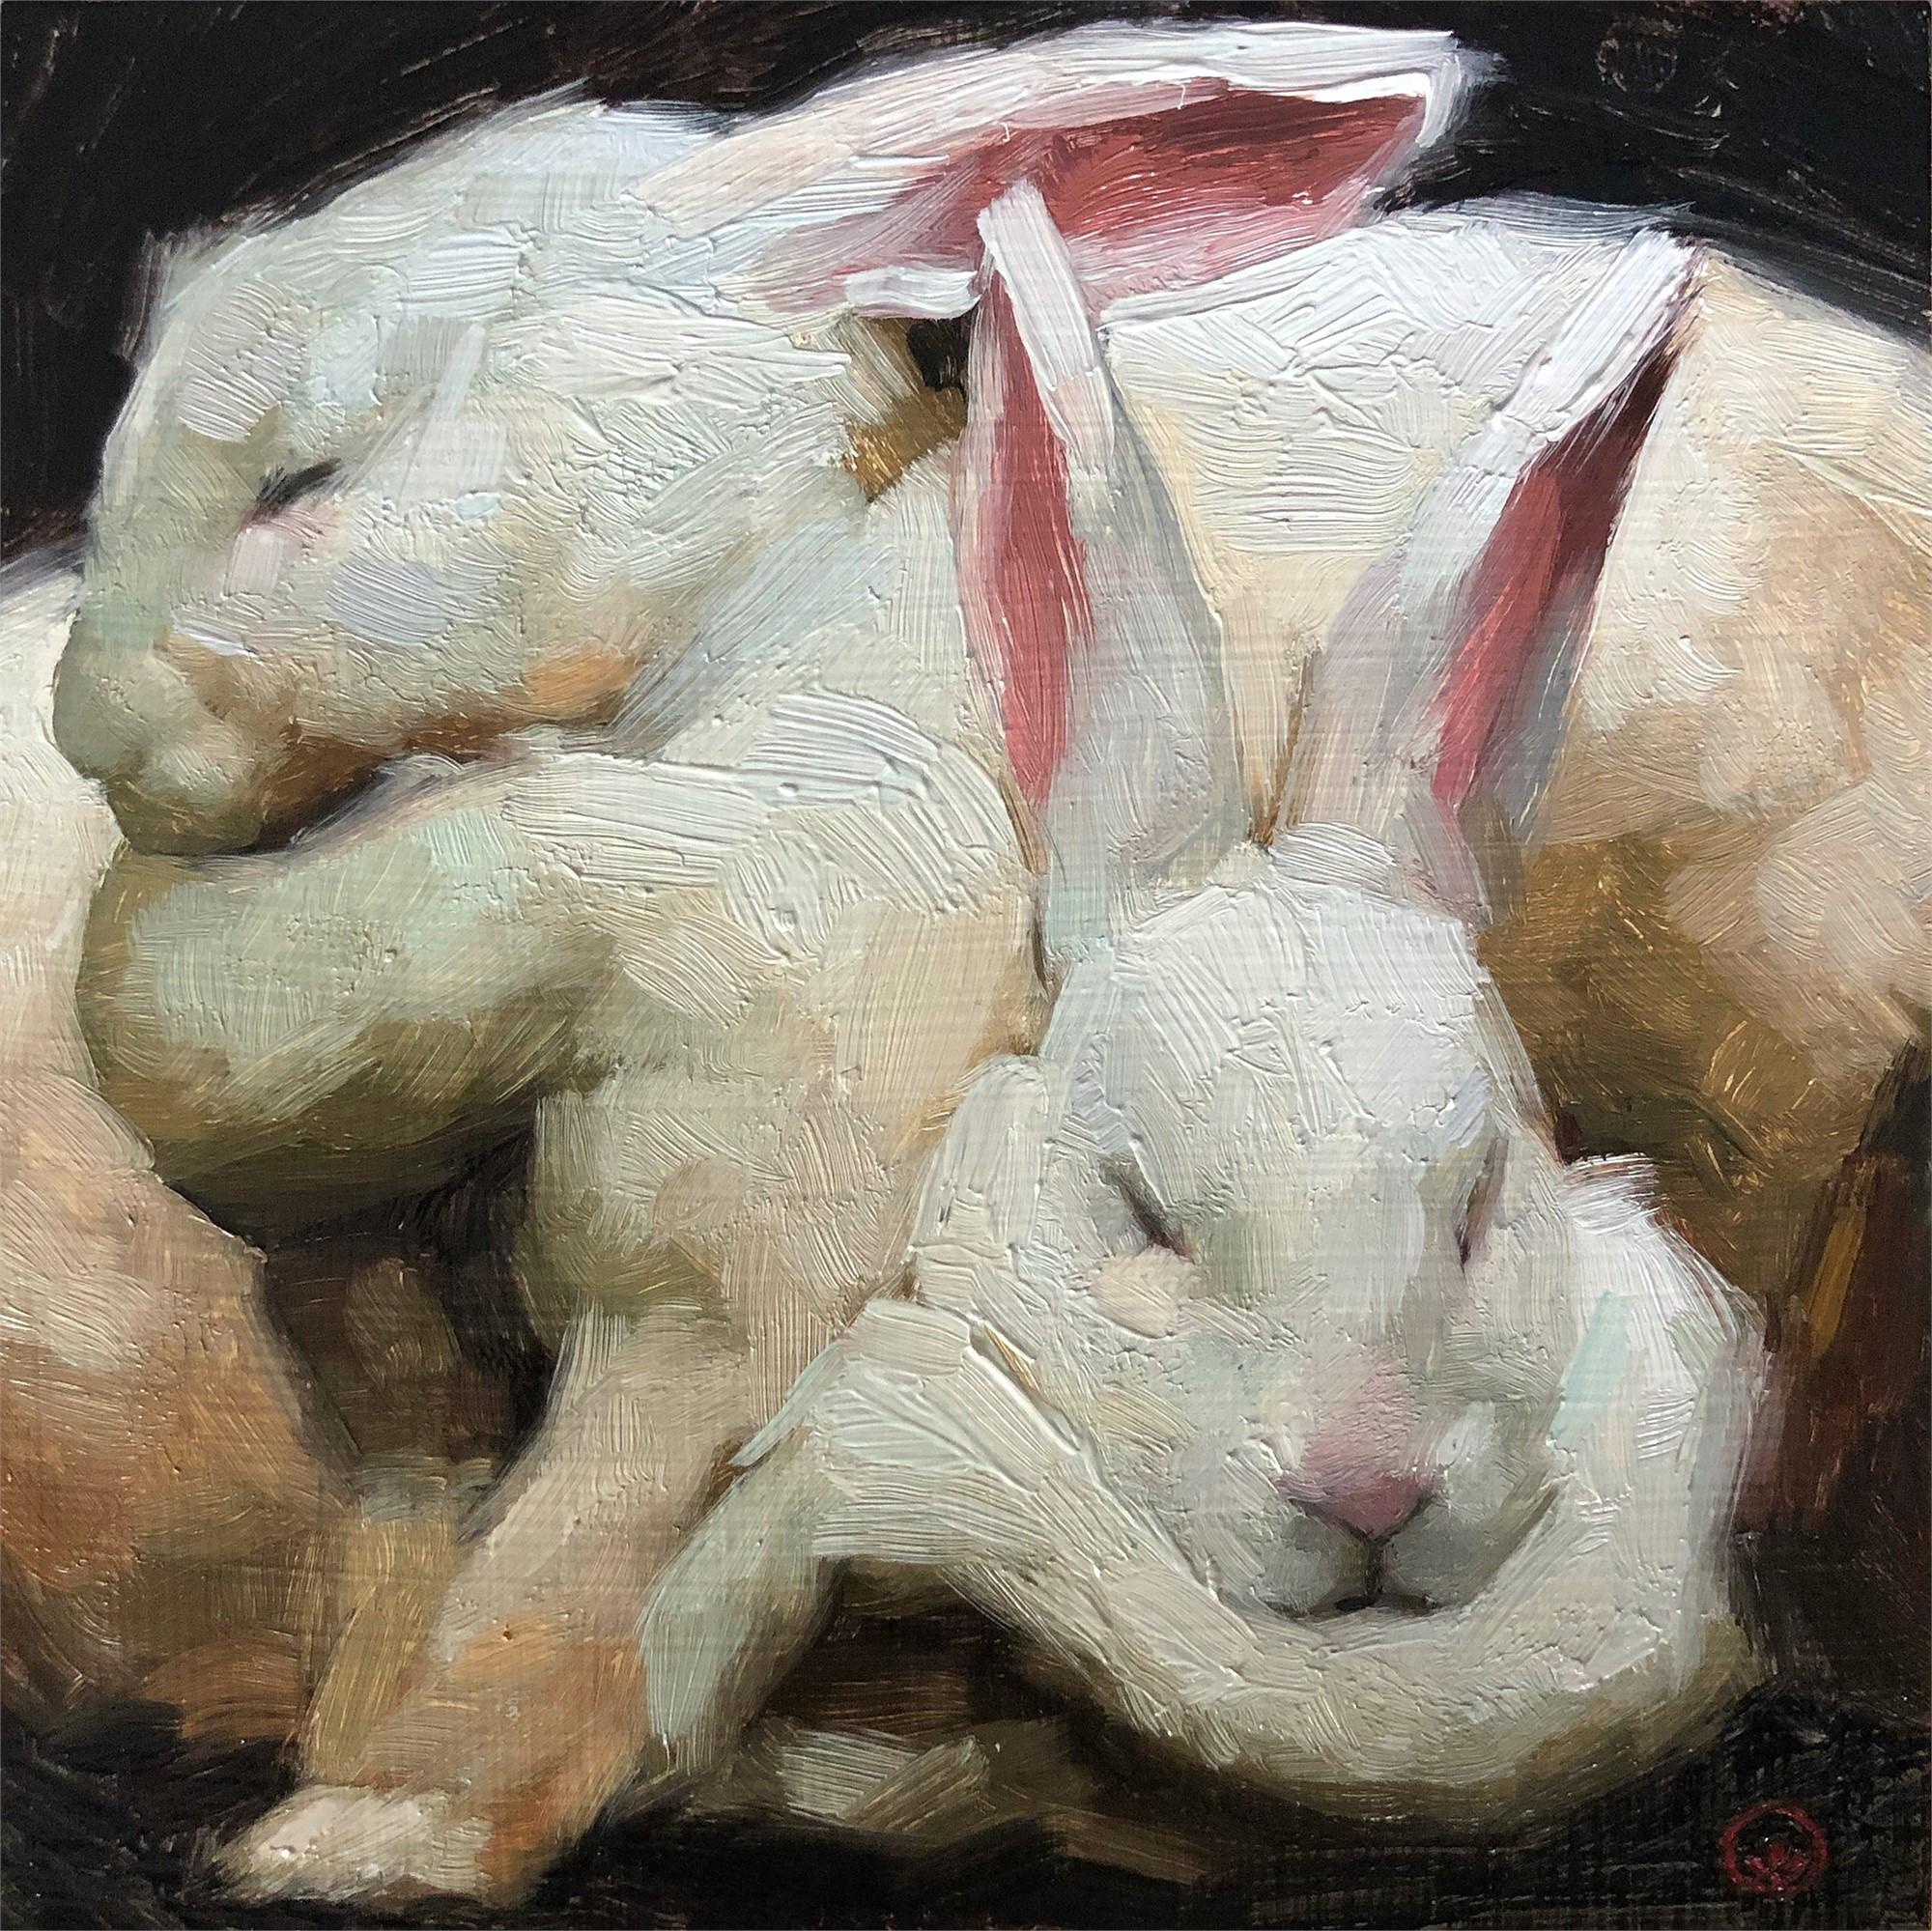 Bunny Cuddles by Jennifer Gennari